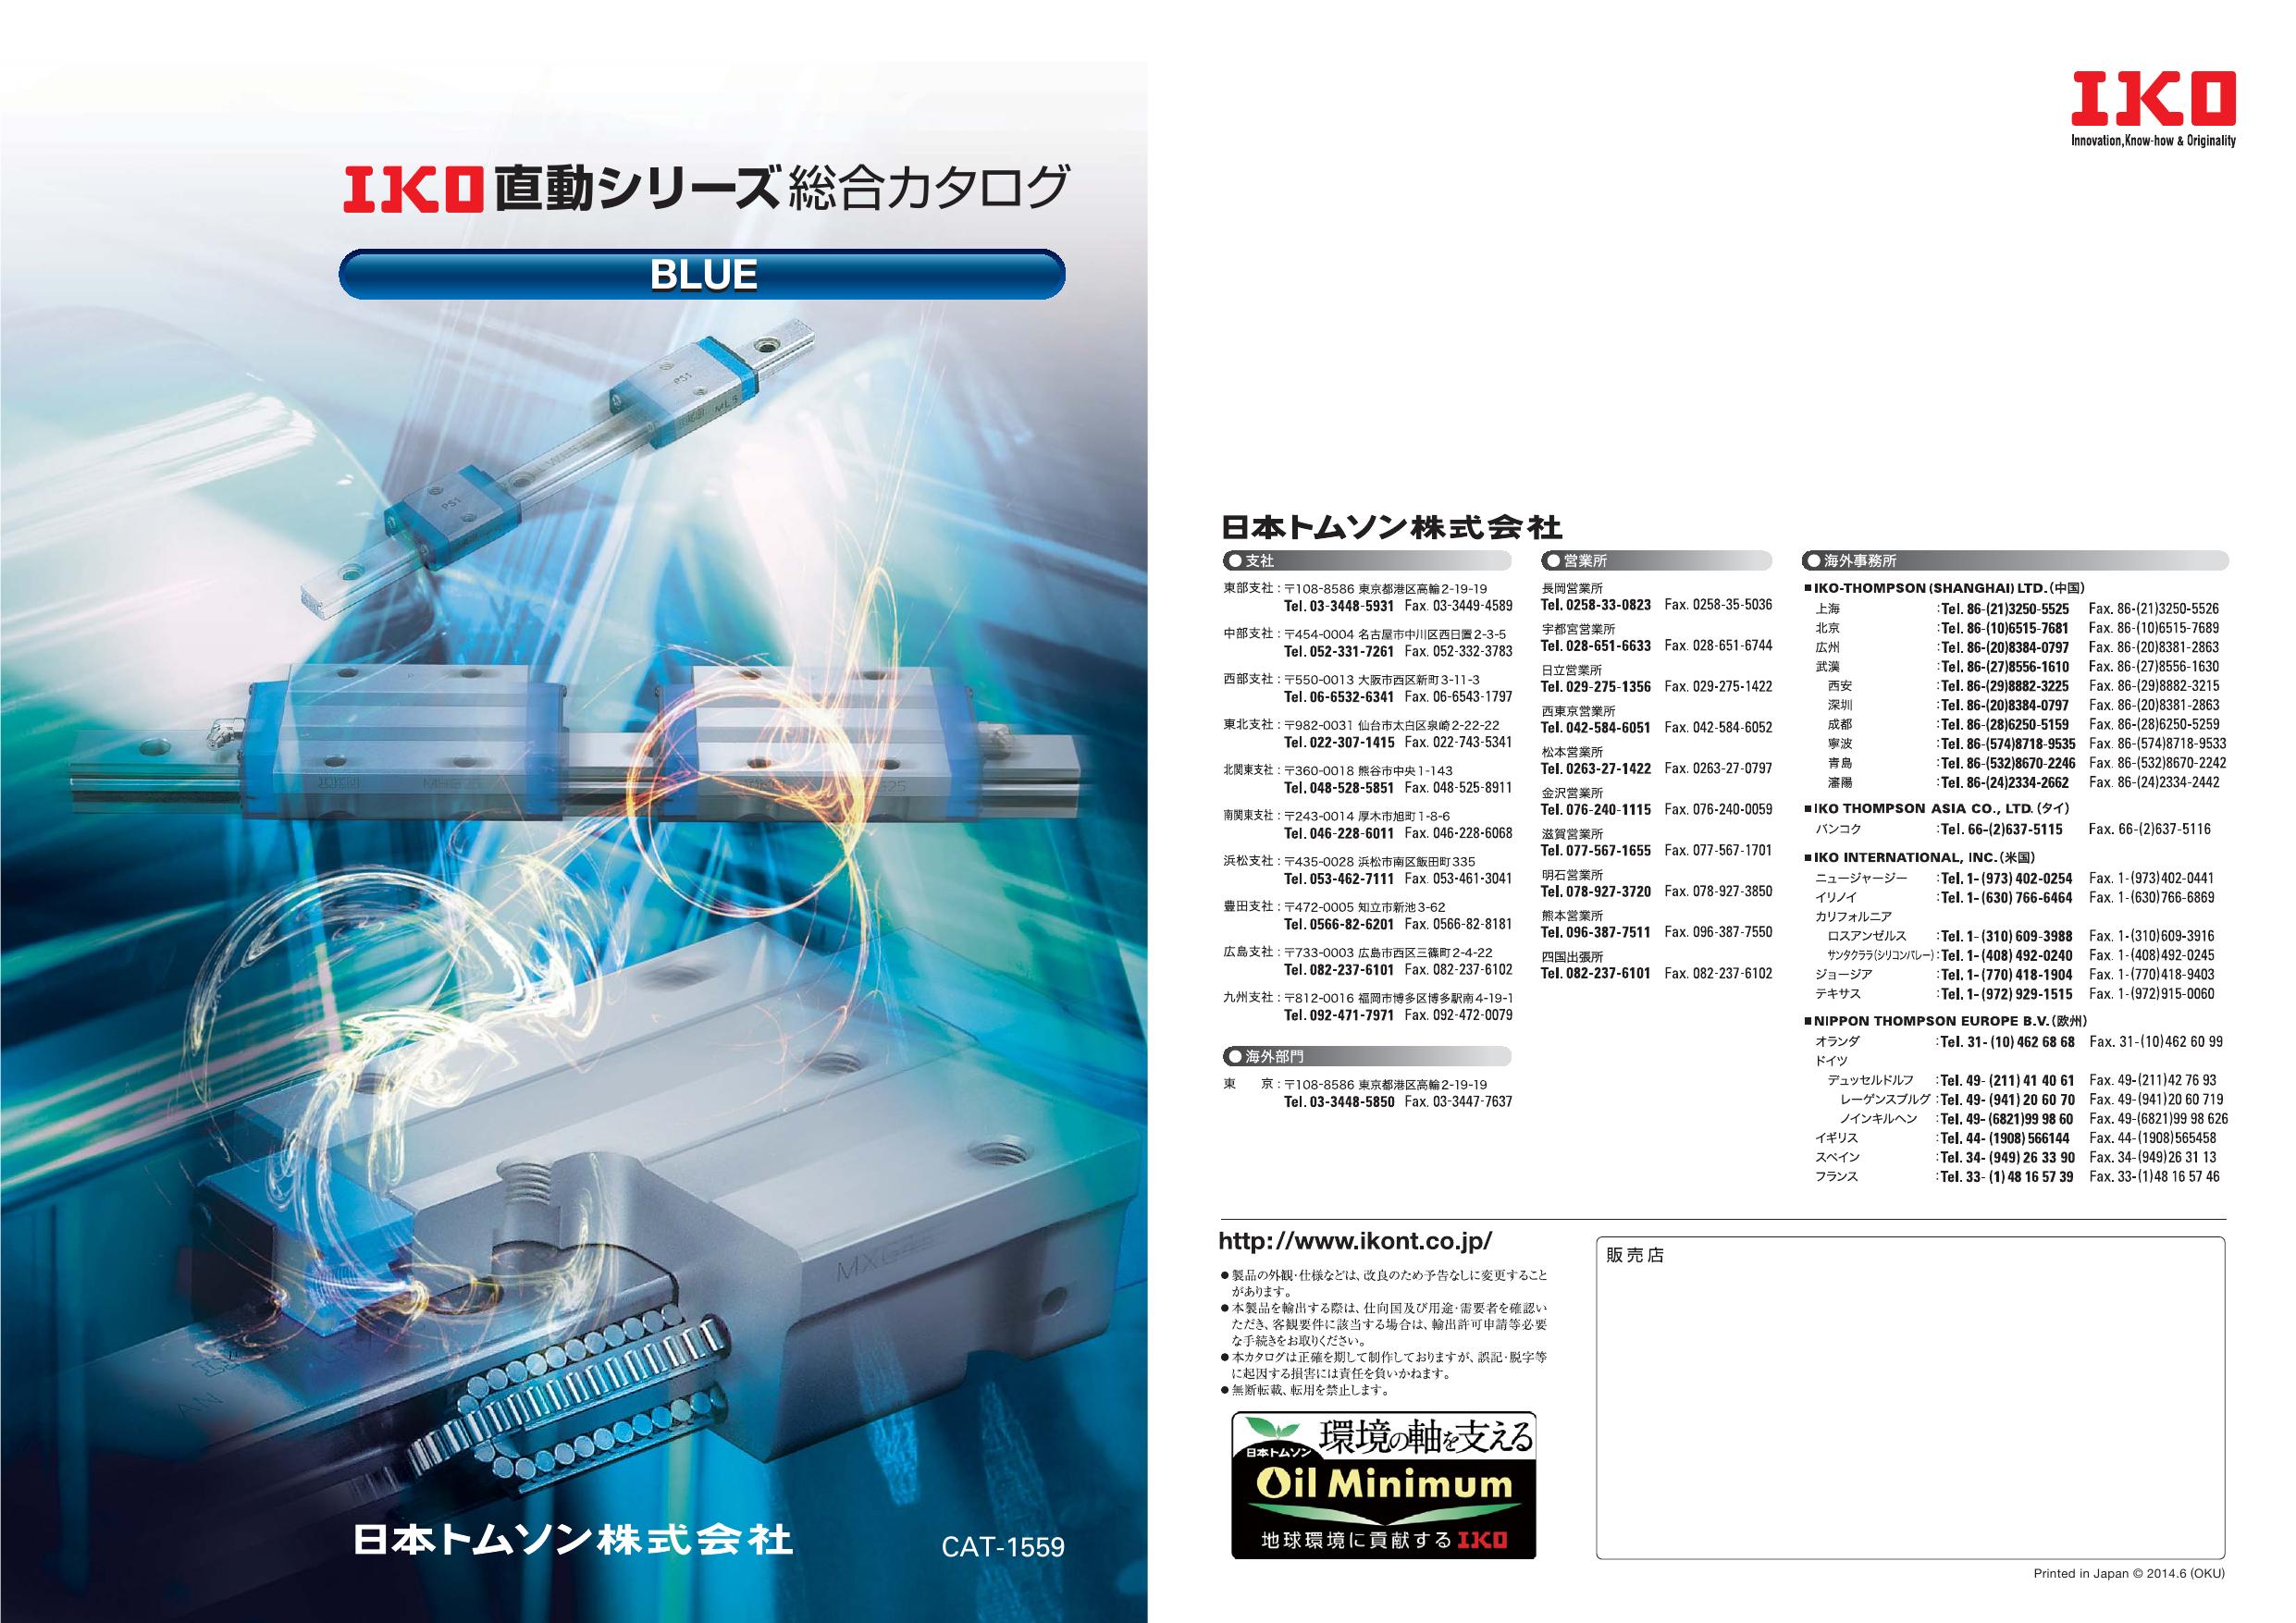 IKO直動シリーズ総合カタログ BLUE